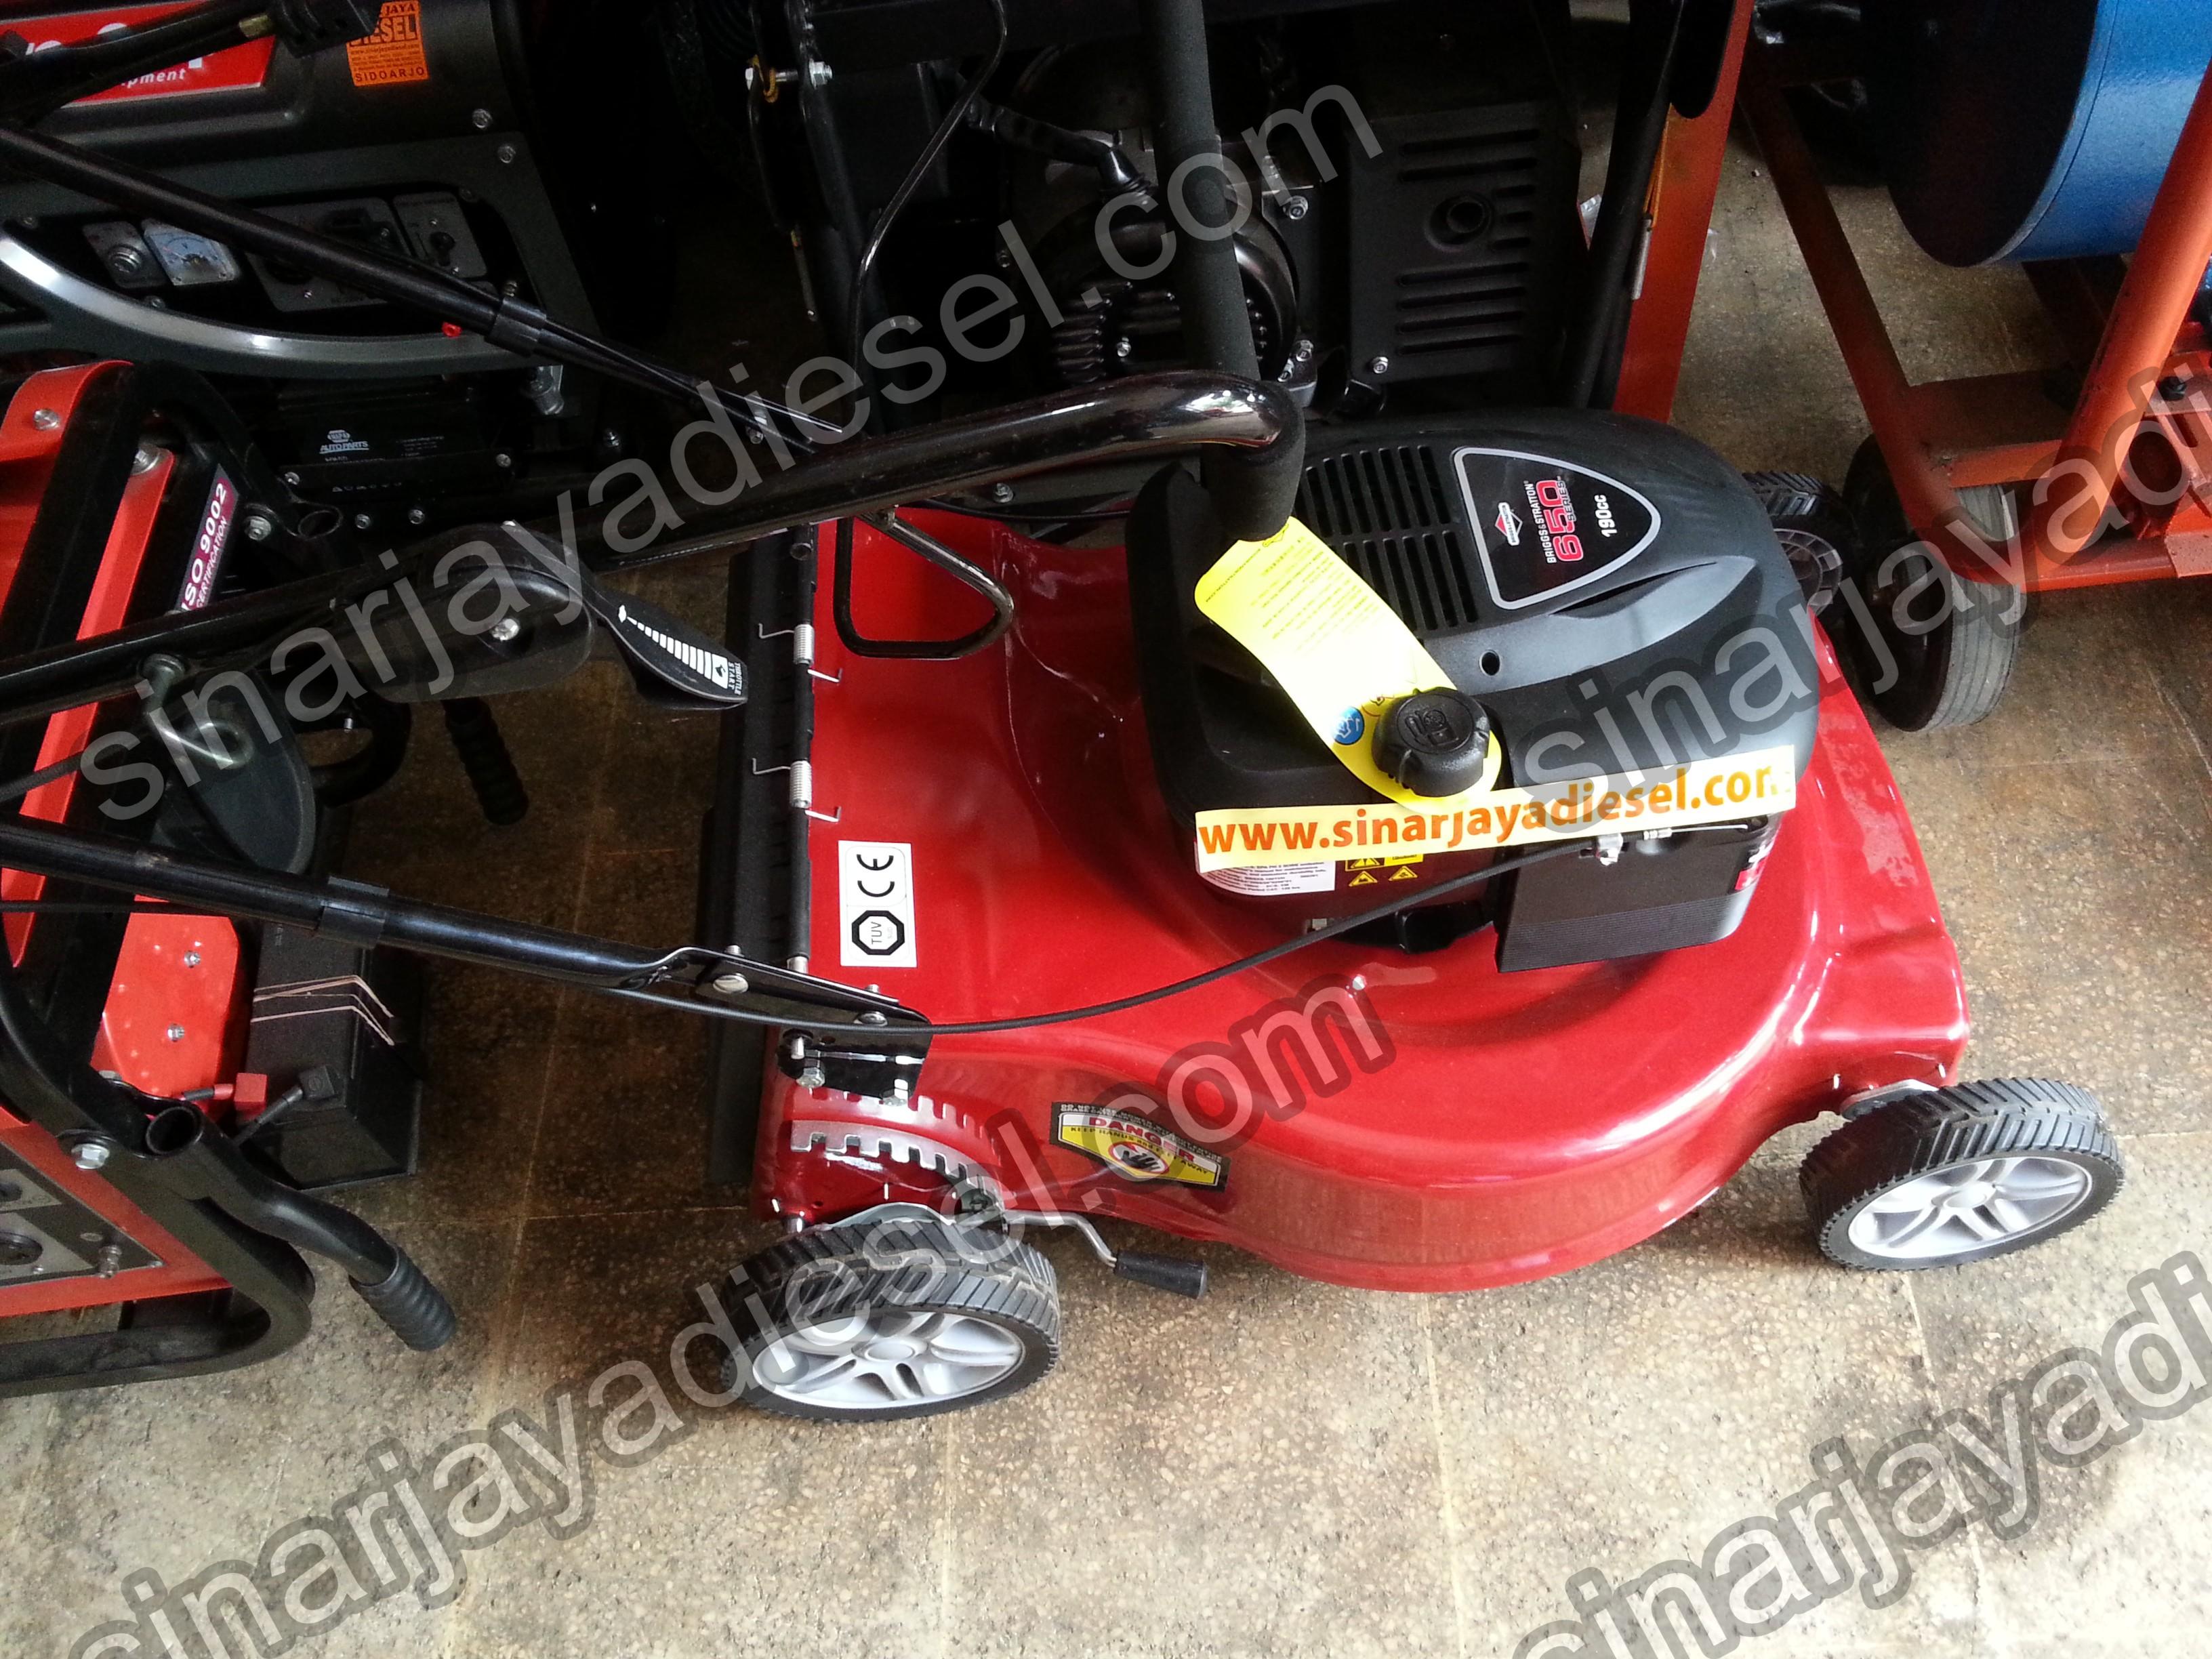 Lawn Mower Briggs Amp Stratton 21 Quot Sinar Jaya Diesel